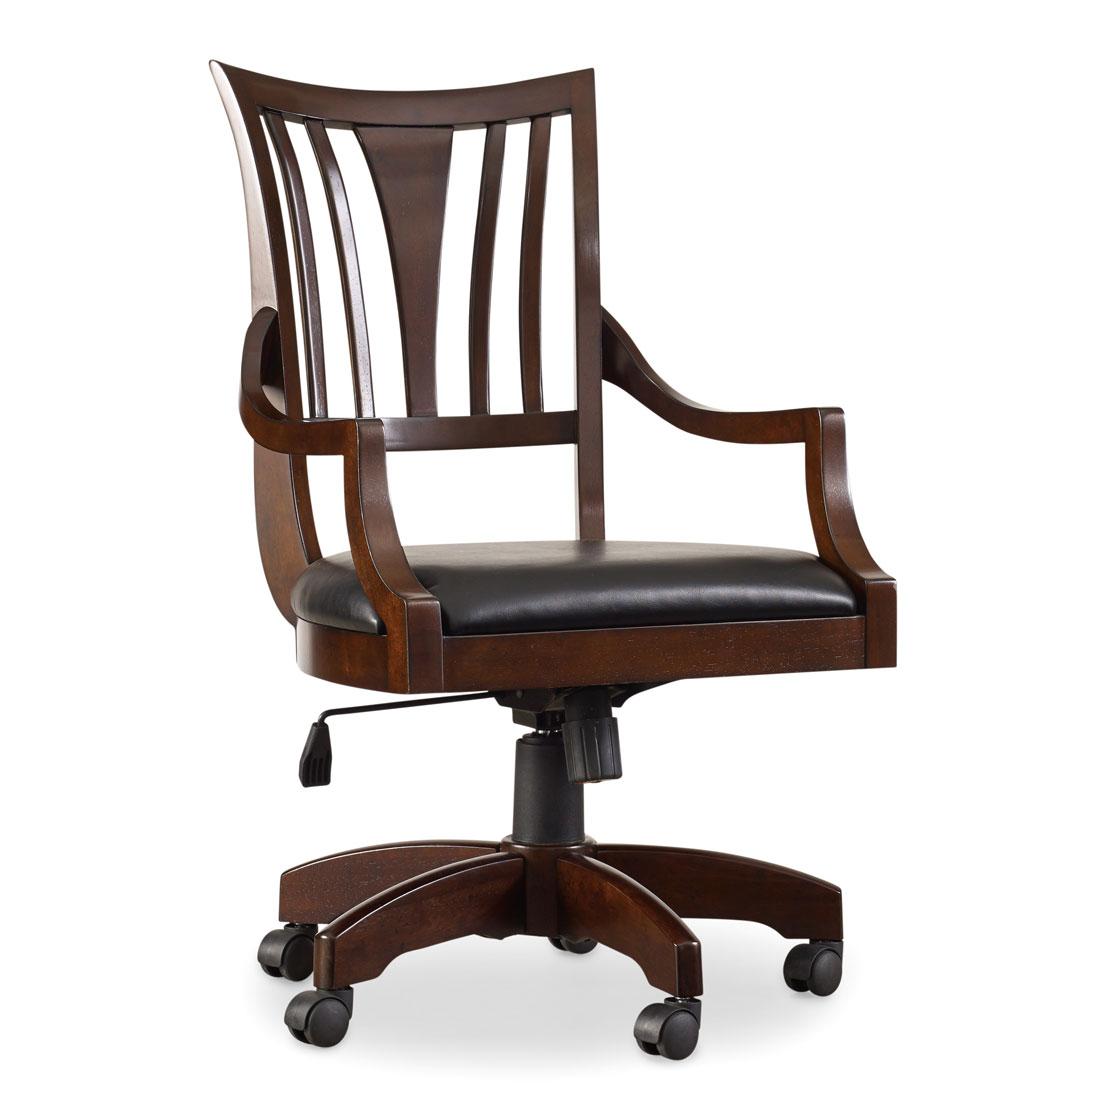 Harden Furniture Outlet ... further Iteminformation. on stanley furniture outlet writing desks